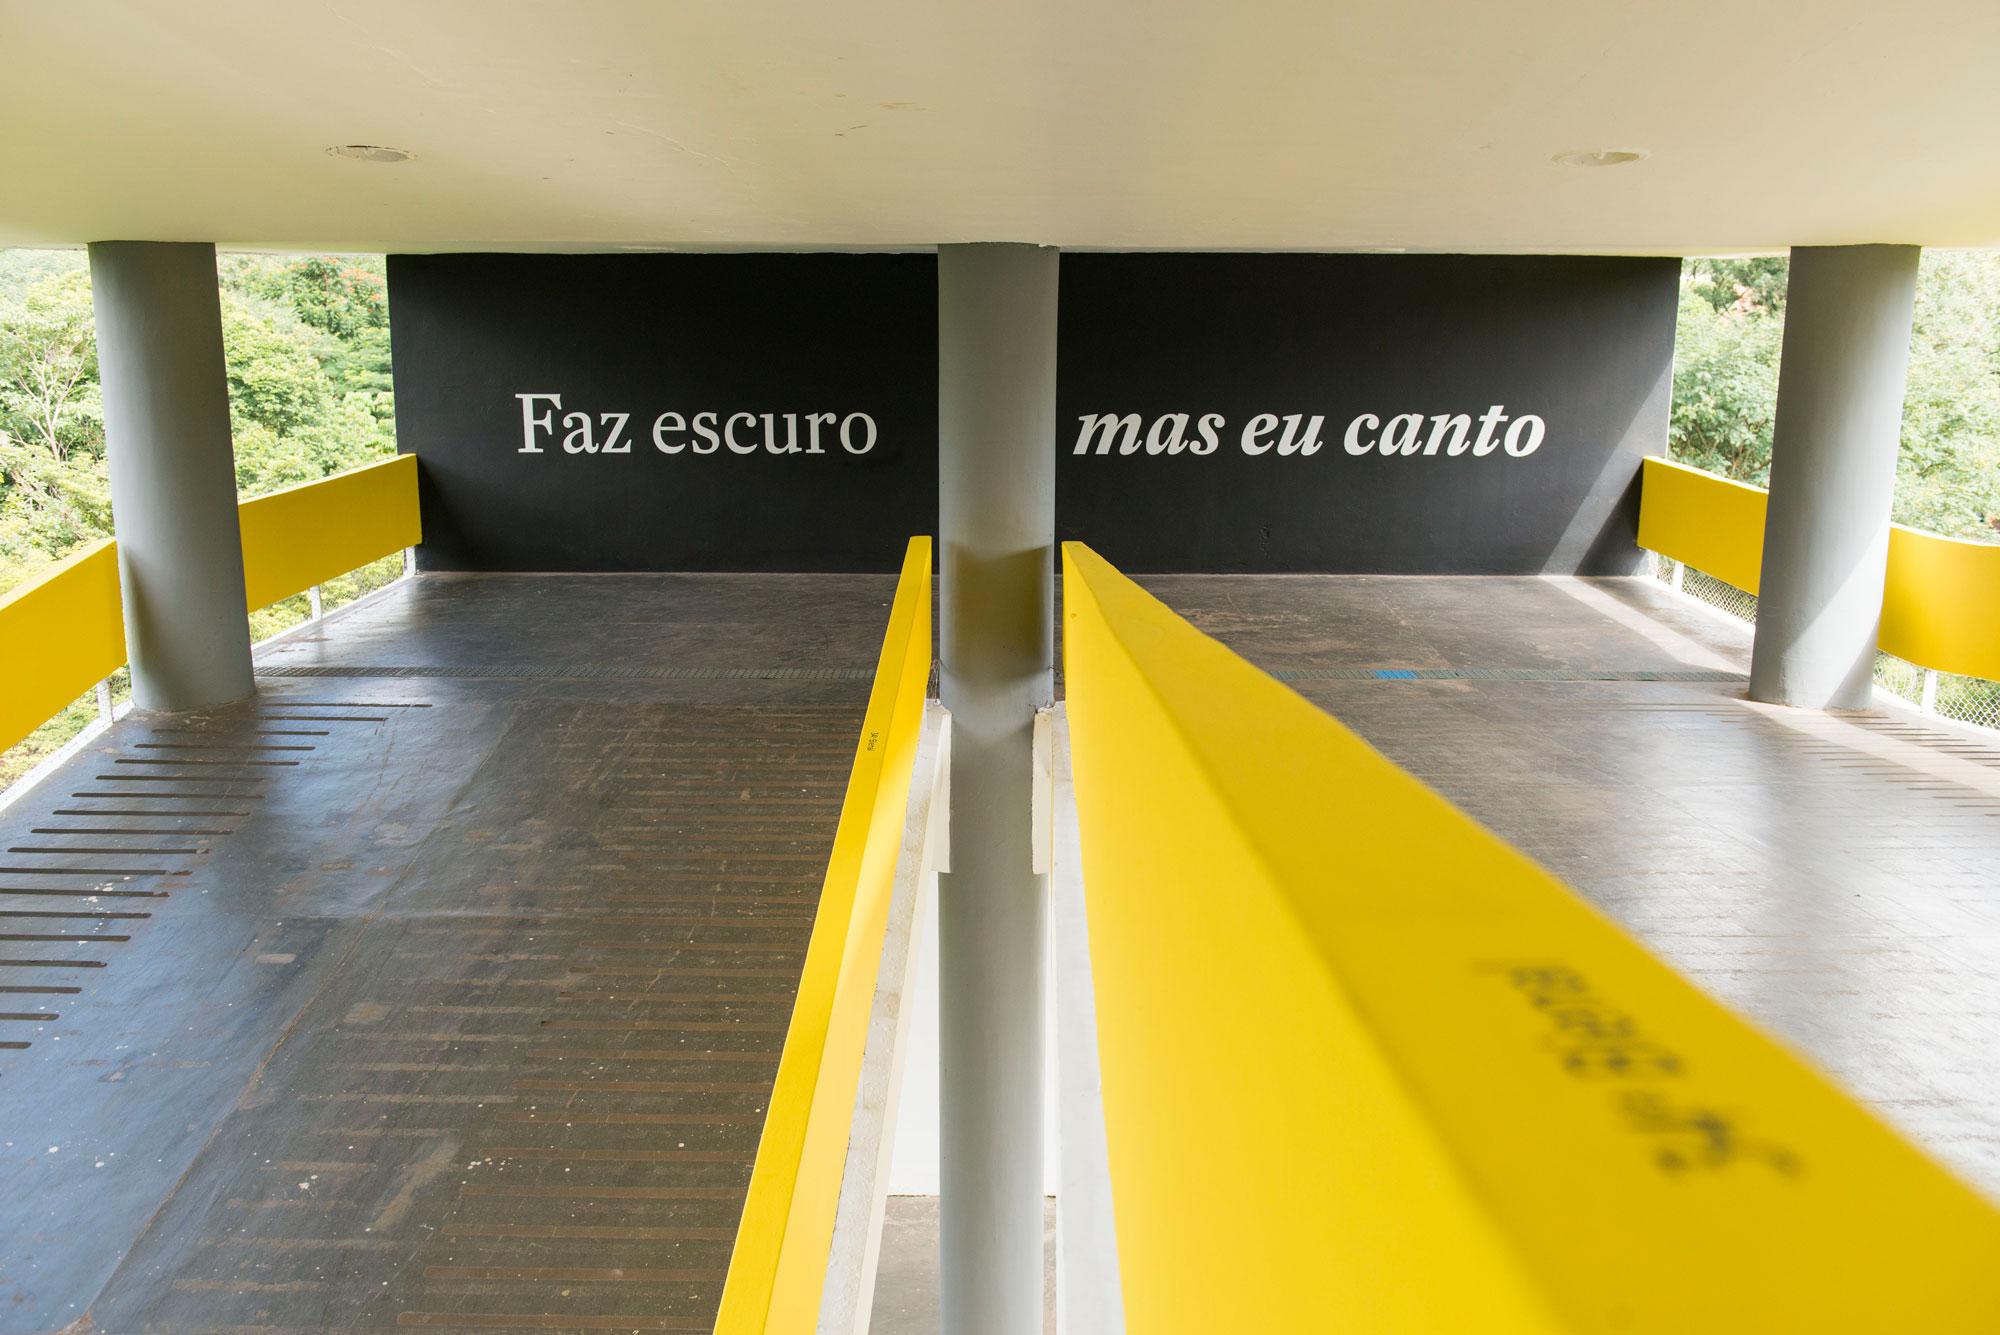 bienal internacional de arte de sao paulo faz escuro mas eu canto casacor